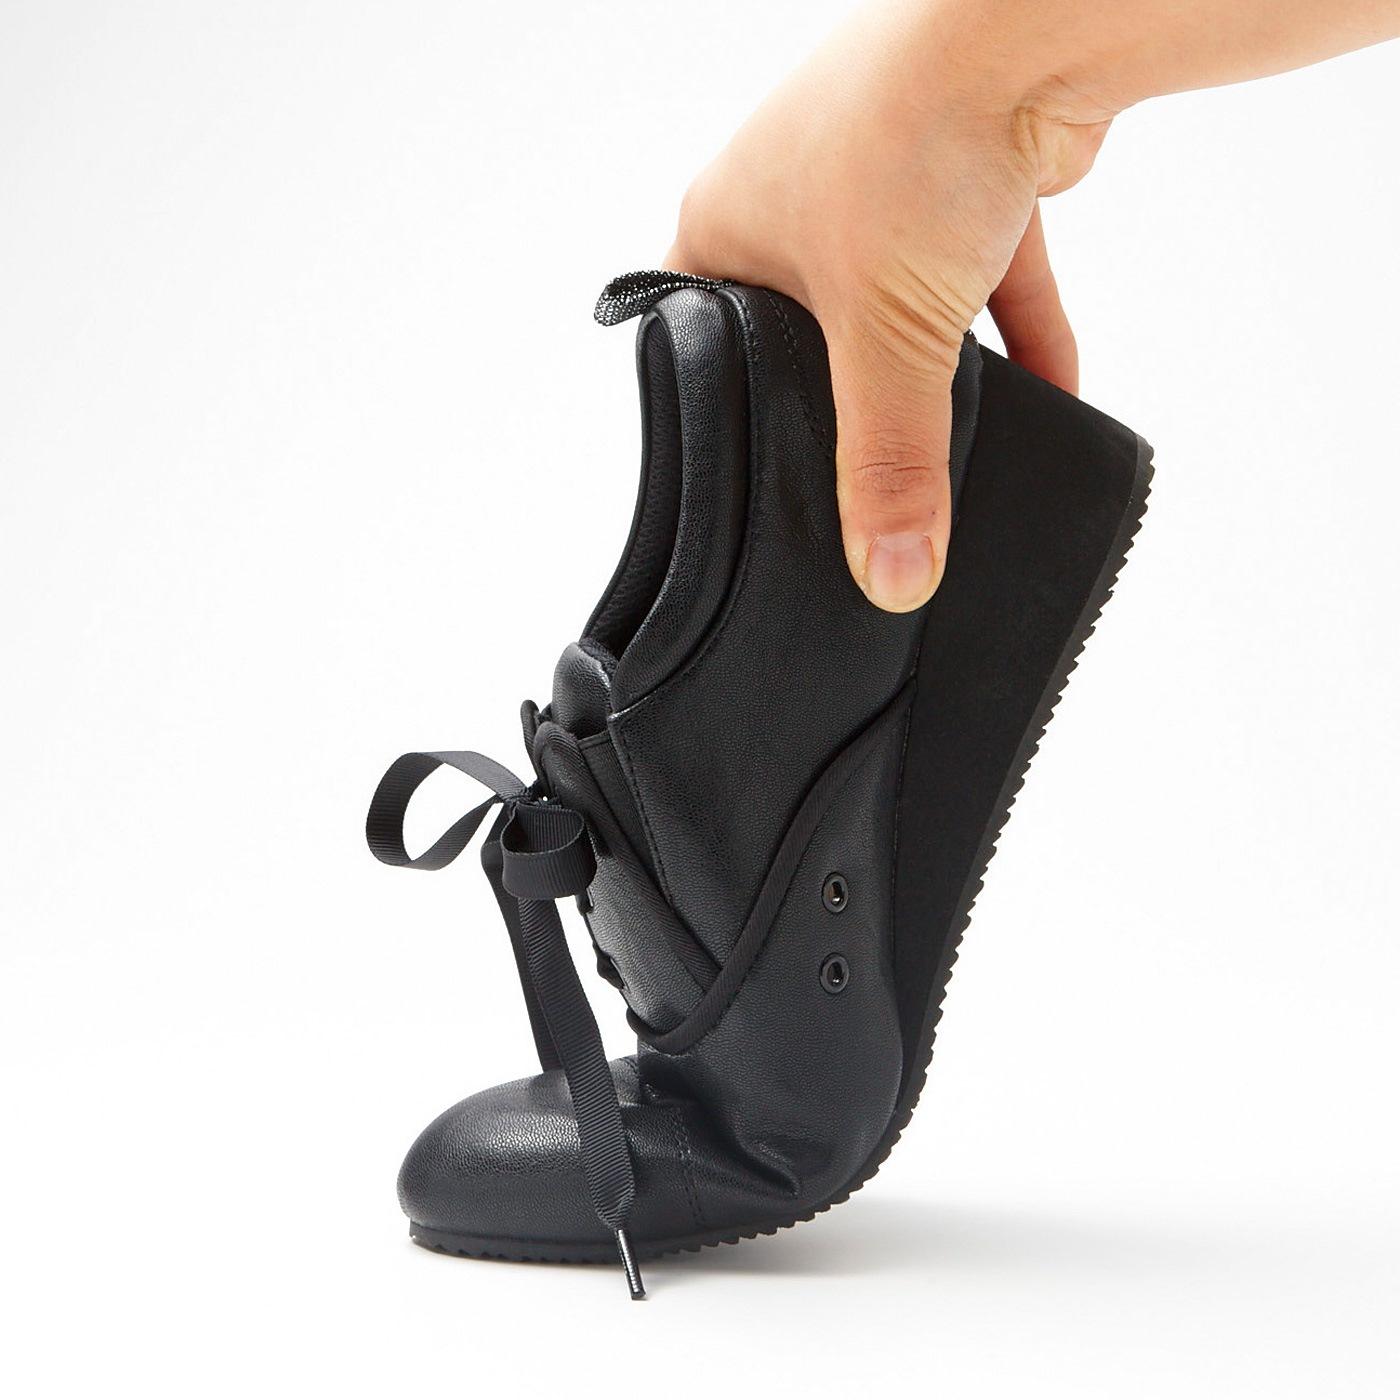 (1)屈曲性 歩きやすさの秘けつ 屈曲性があって歩きやすく、約4cmヒールでも安定感抜群。